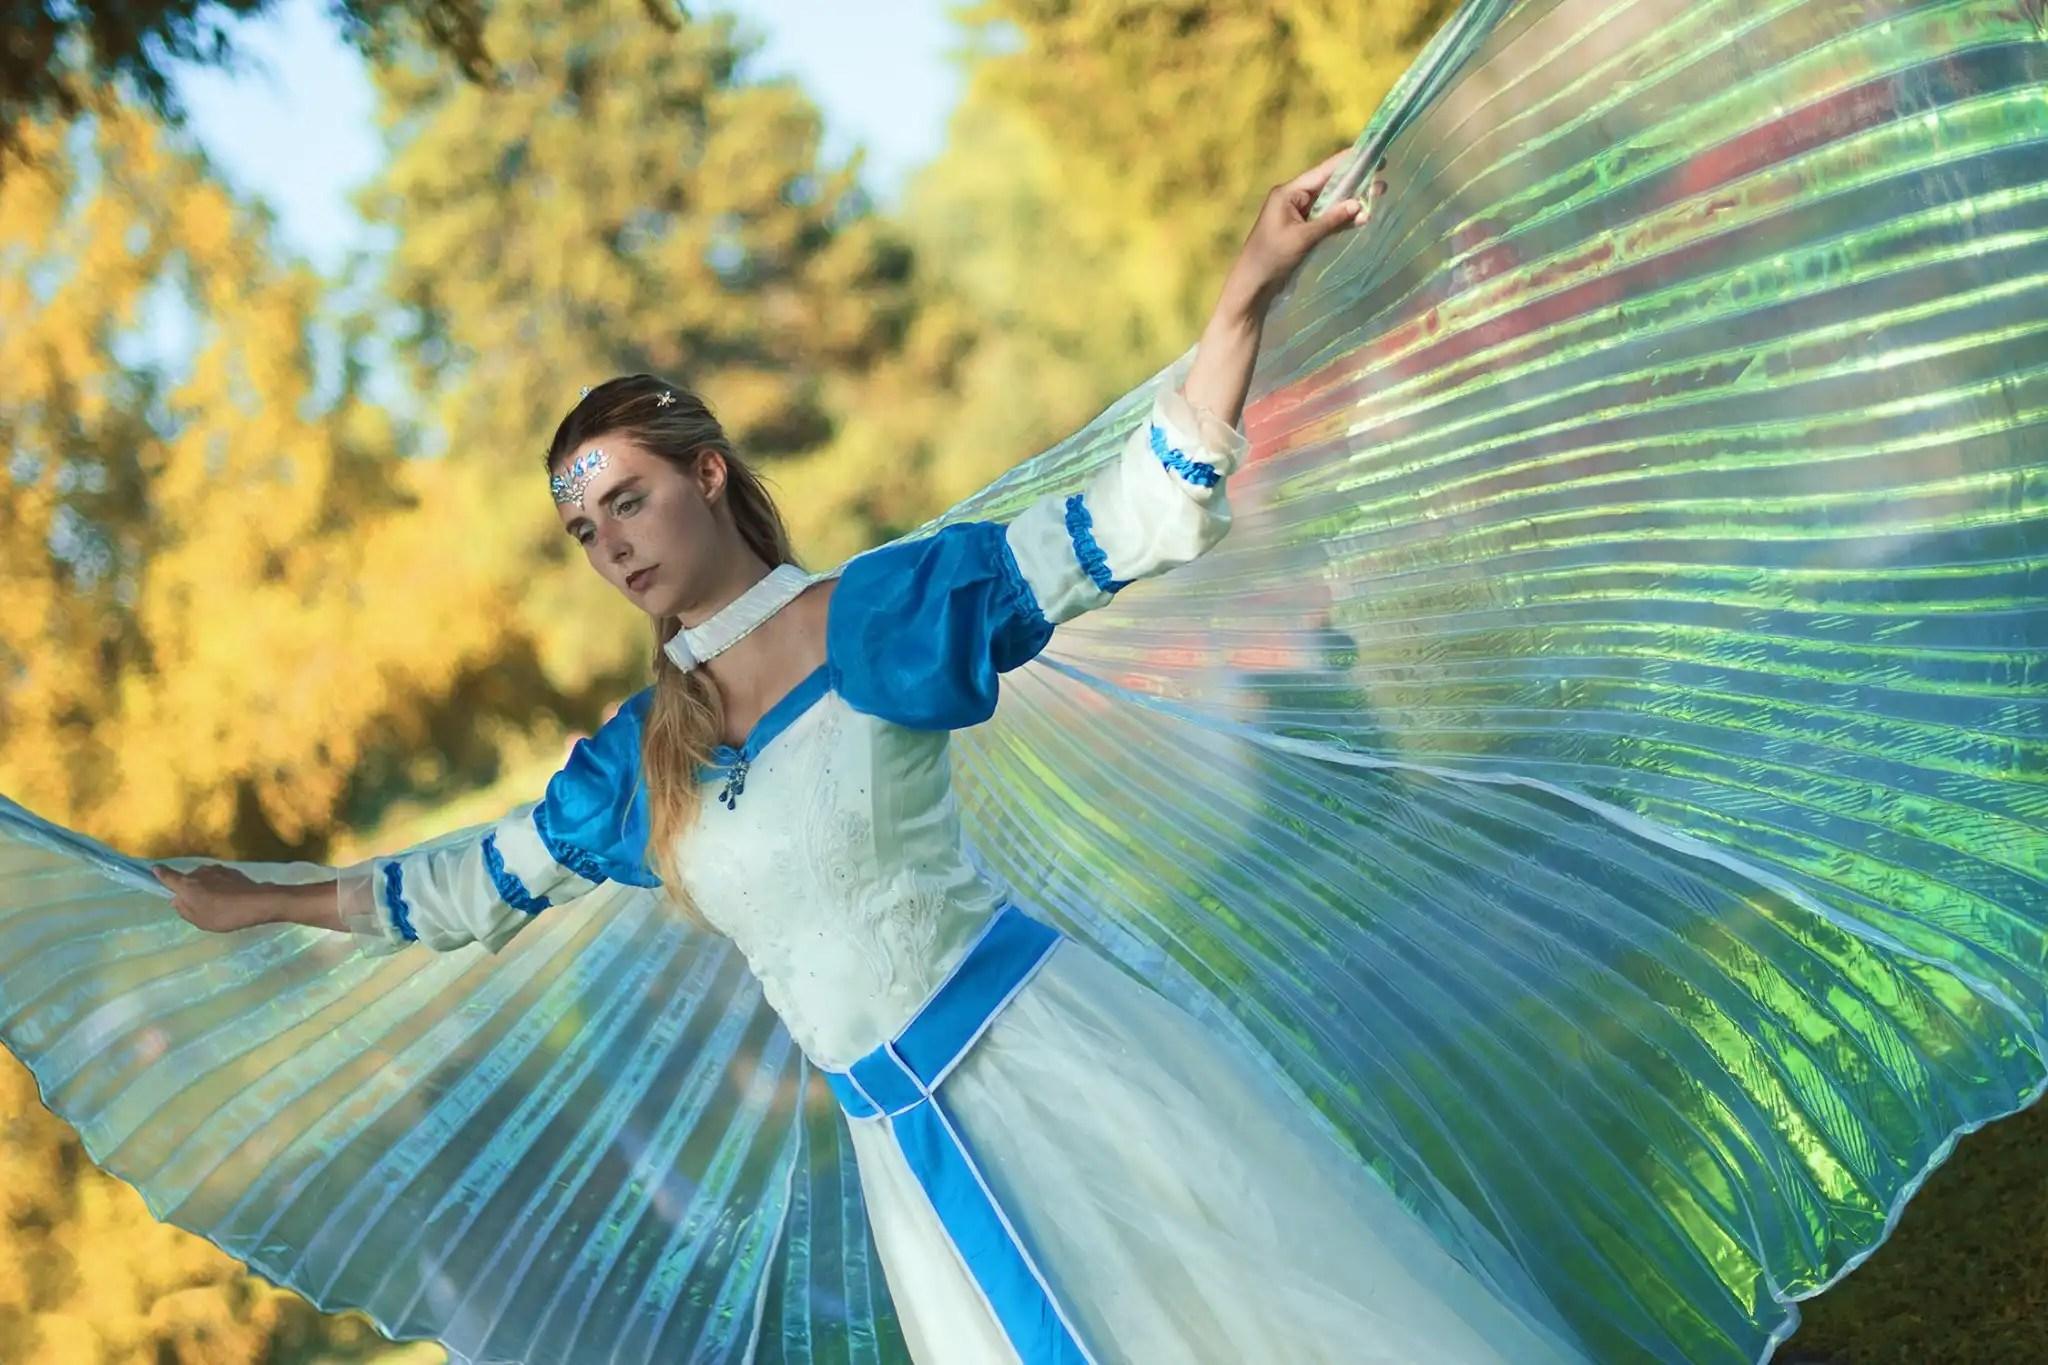 Un elegante costume alato e dallo stile fiabesco!